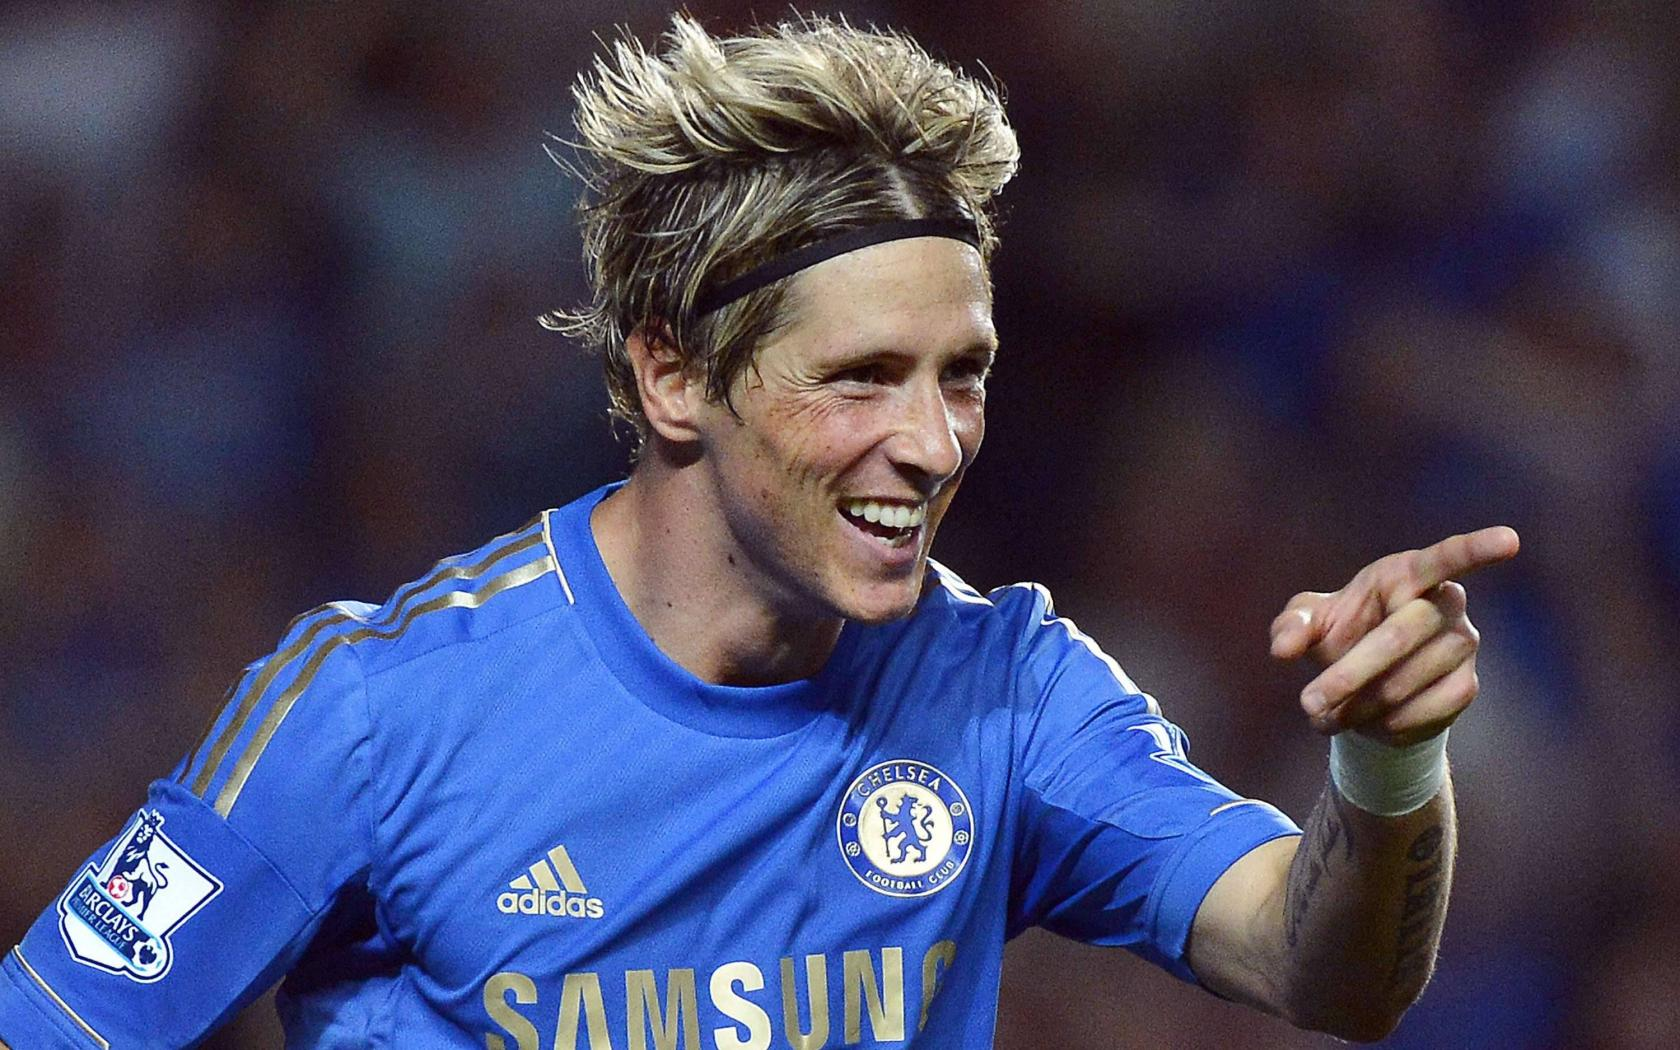 Biografia Fernando Torres è il quarto di quattro fratelli Uno di loro che giocava come portiere chiedeva spesso a Fernando di tirargli il pallone facendo così